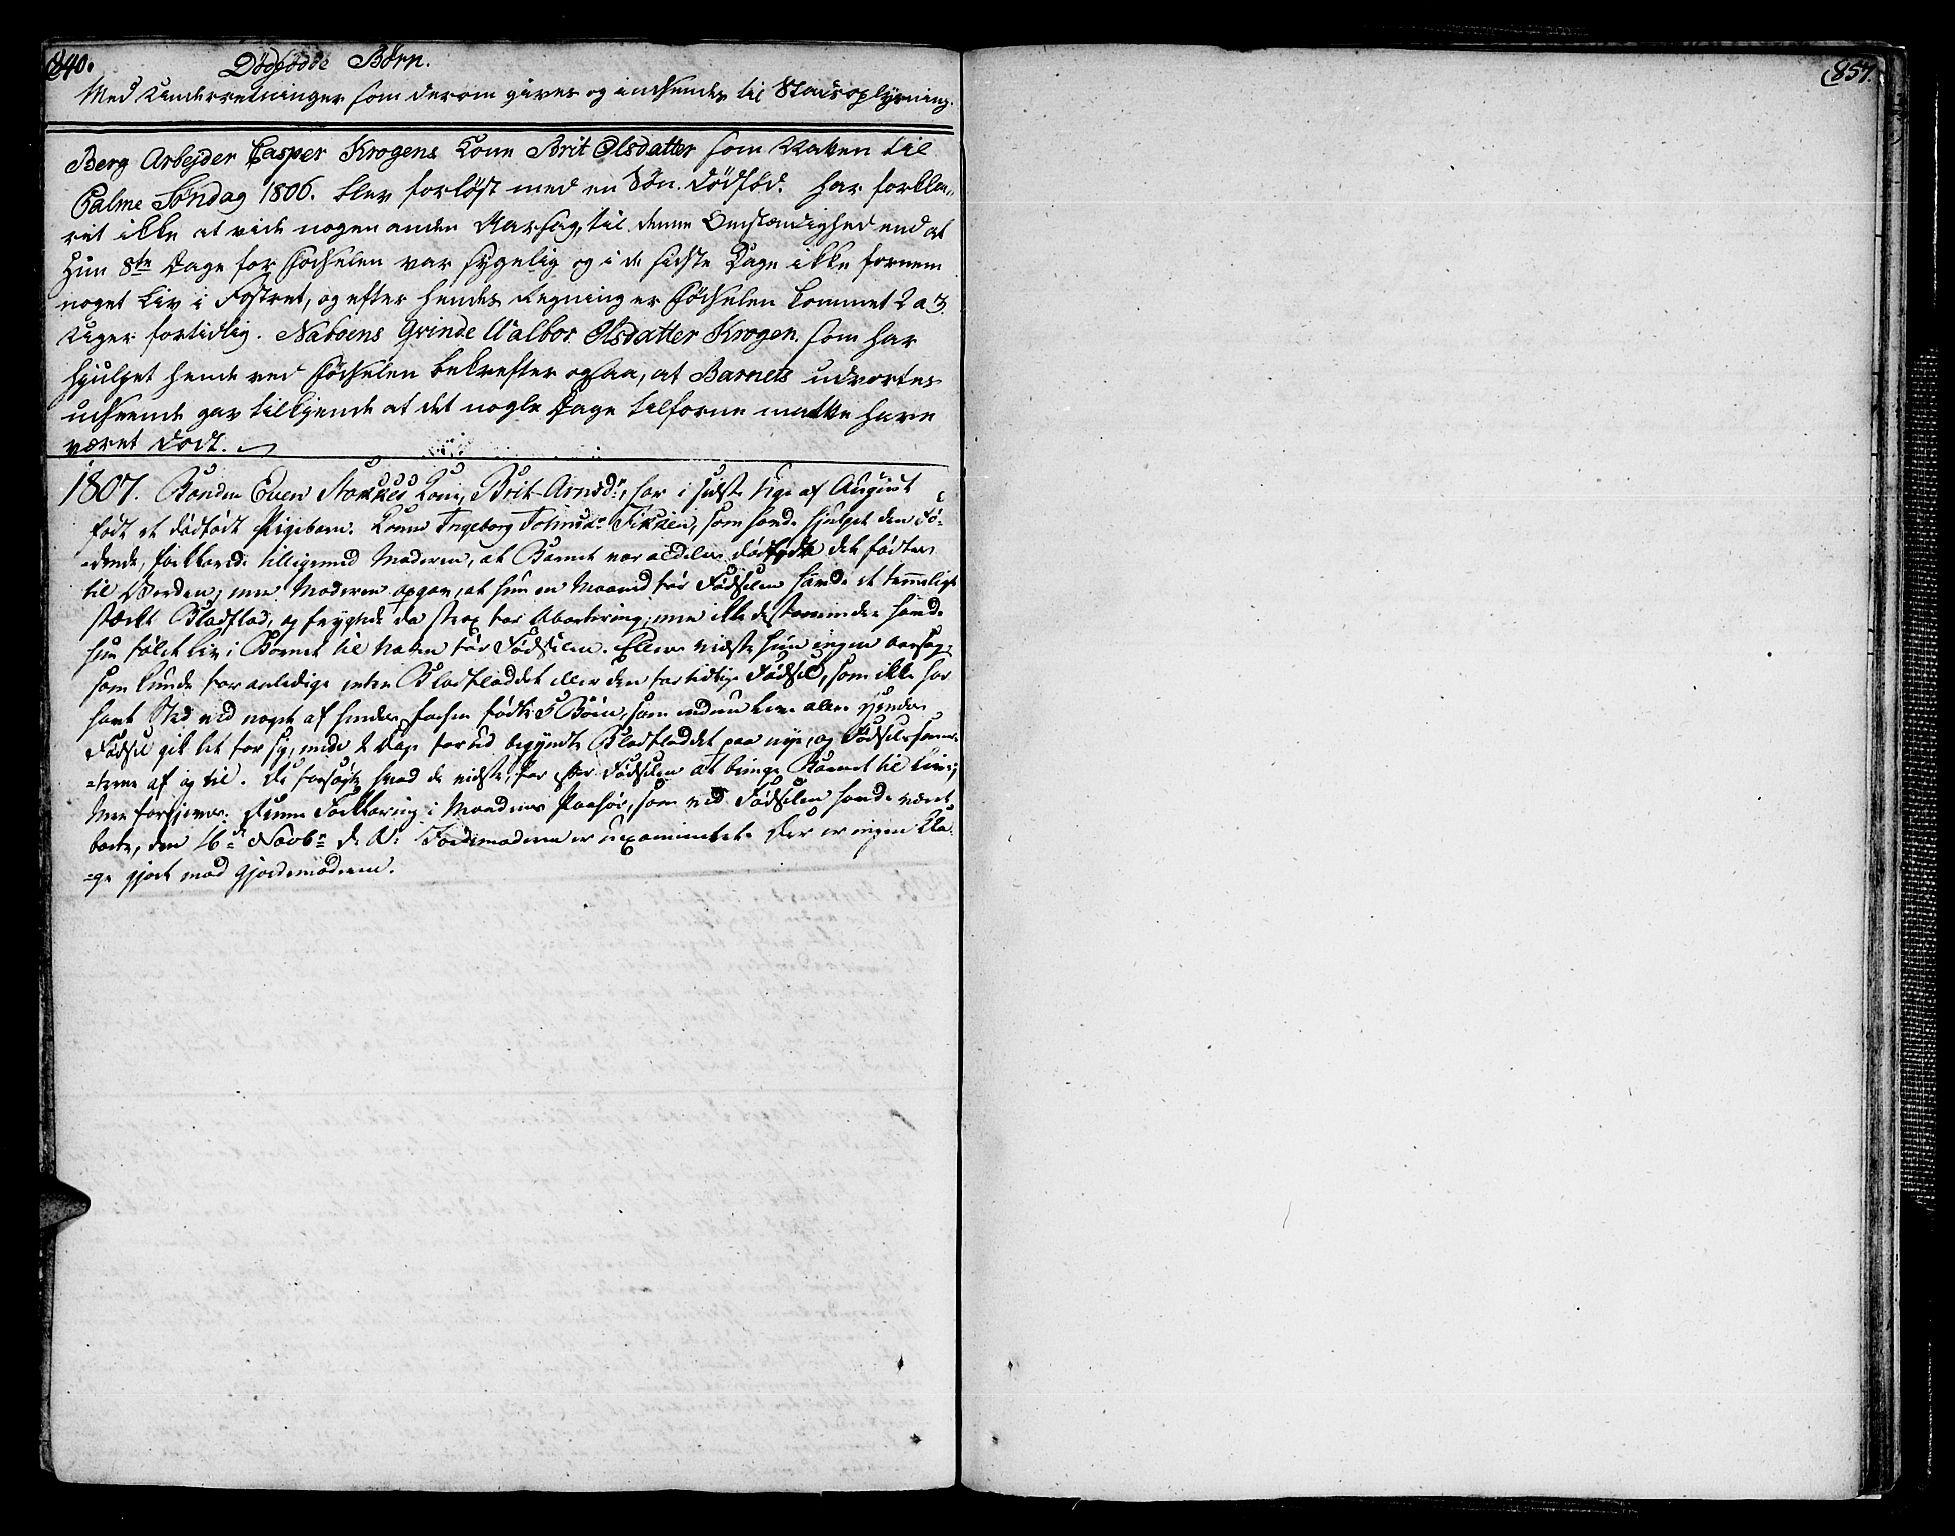 SAT, Ministerialprotokoller, klokkerbøker og fødselsregistre - Sør-Trøndelag, 672/L0852: Ministerialbok nr. 672A05, 1776-1815, s. 840-857